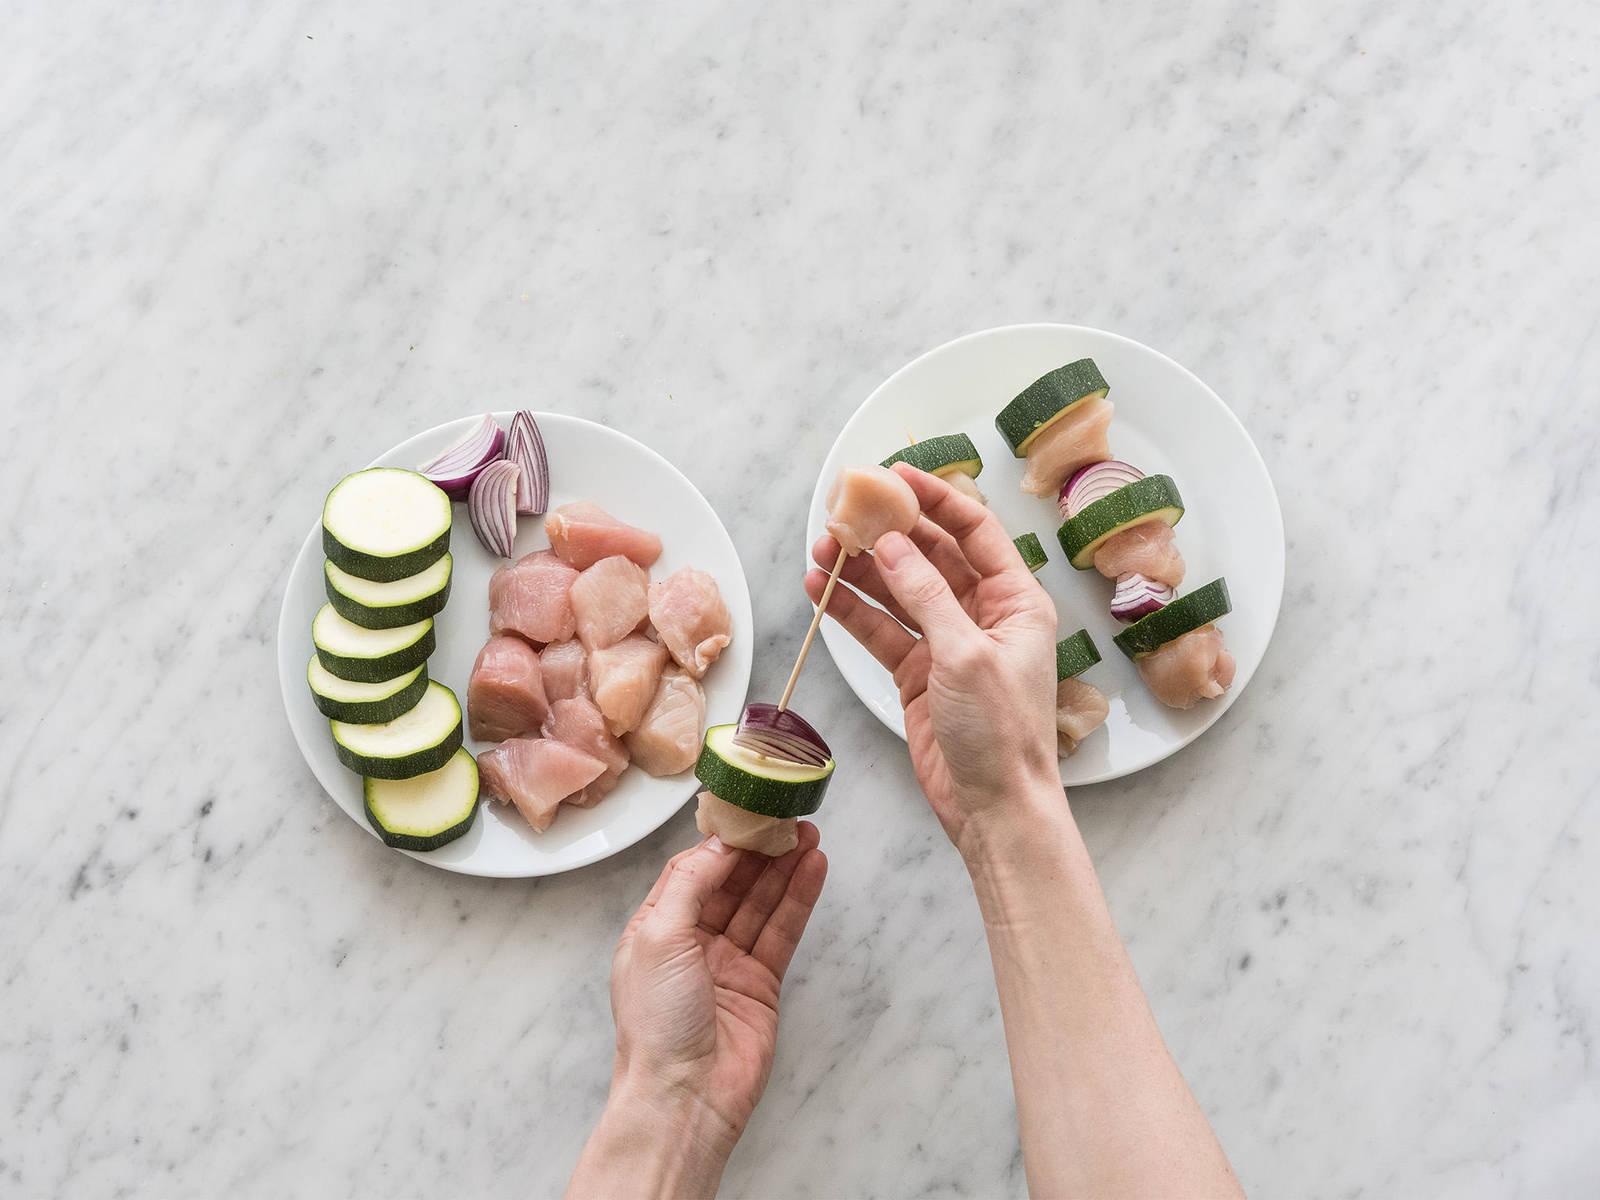 将烤箱预热至200度。用木串将鸡肉、西葫芦和红洋葱串起来。在大煎锅中中火加热橄榄油,煎制鸡肉鲜蔬串,每面2-3分钟。然后将其放到铺好烘焙纸的烤盘上,在预热好的烤箱中以200度烤制10-12分钟。